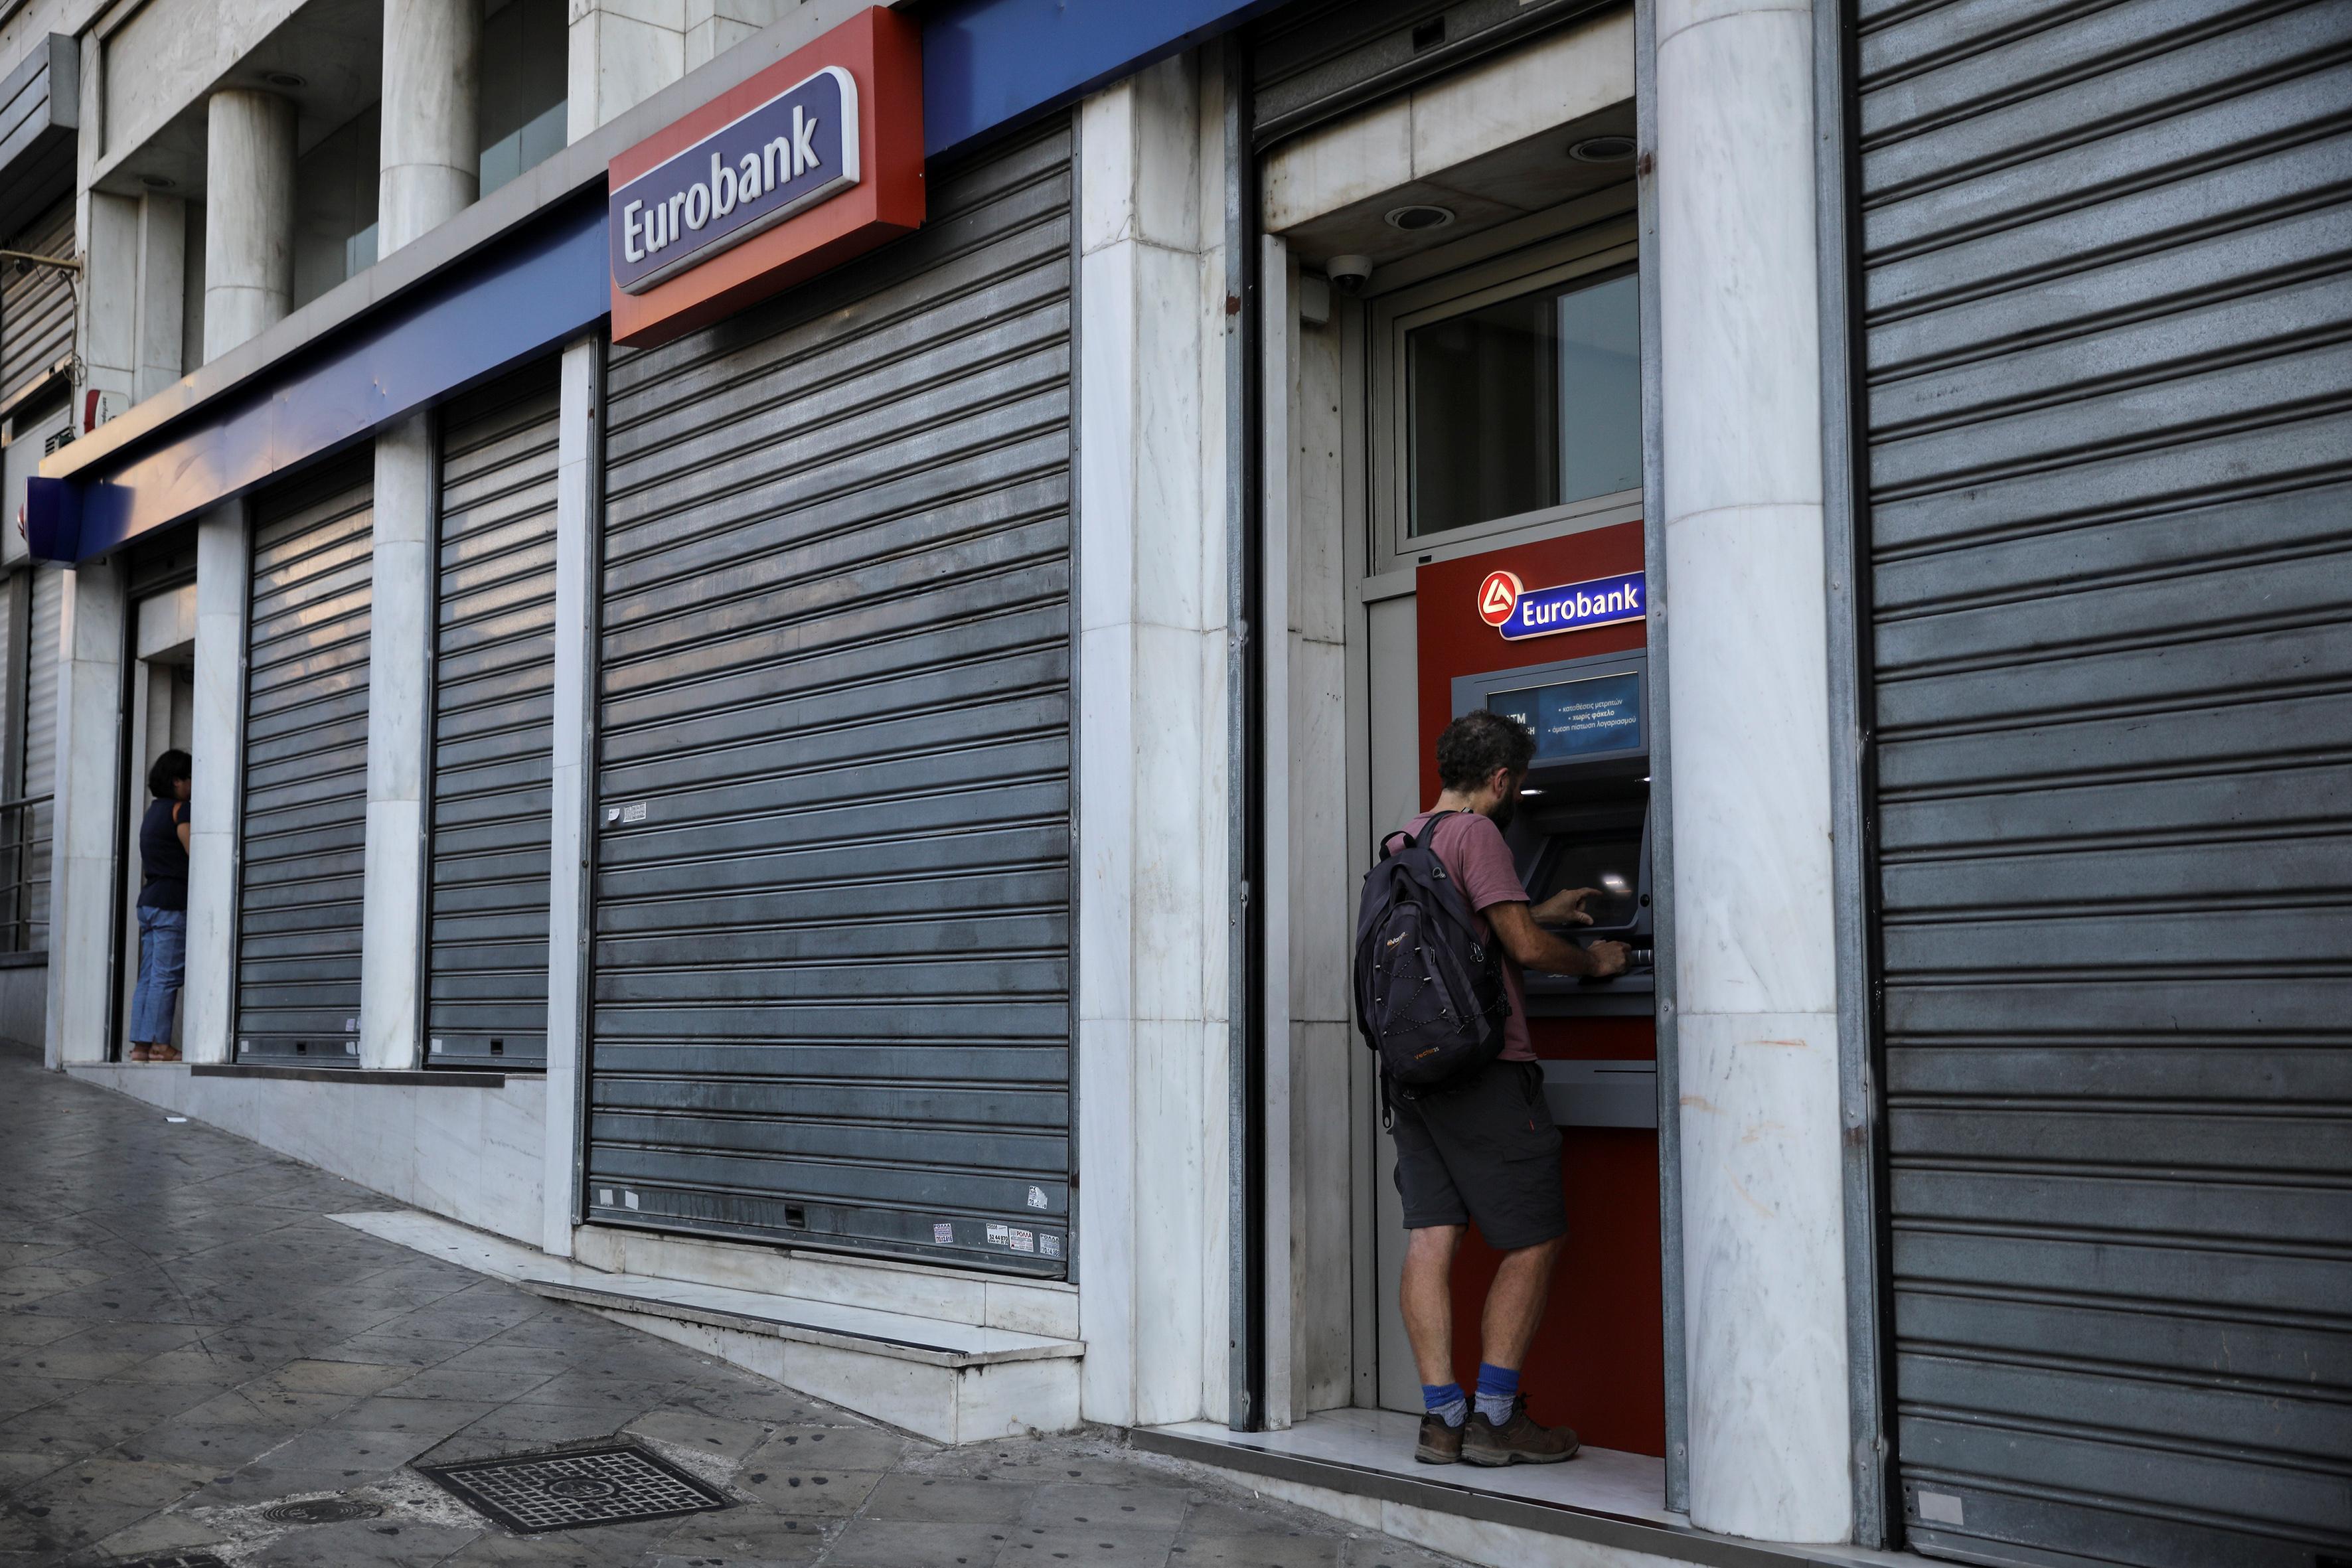 Greece's Eurobank selling 84 million euros property portfolios to...